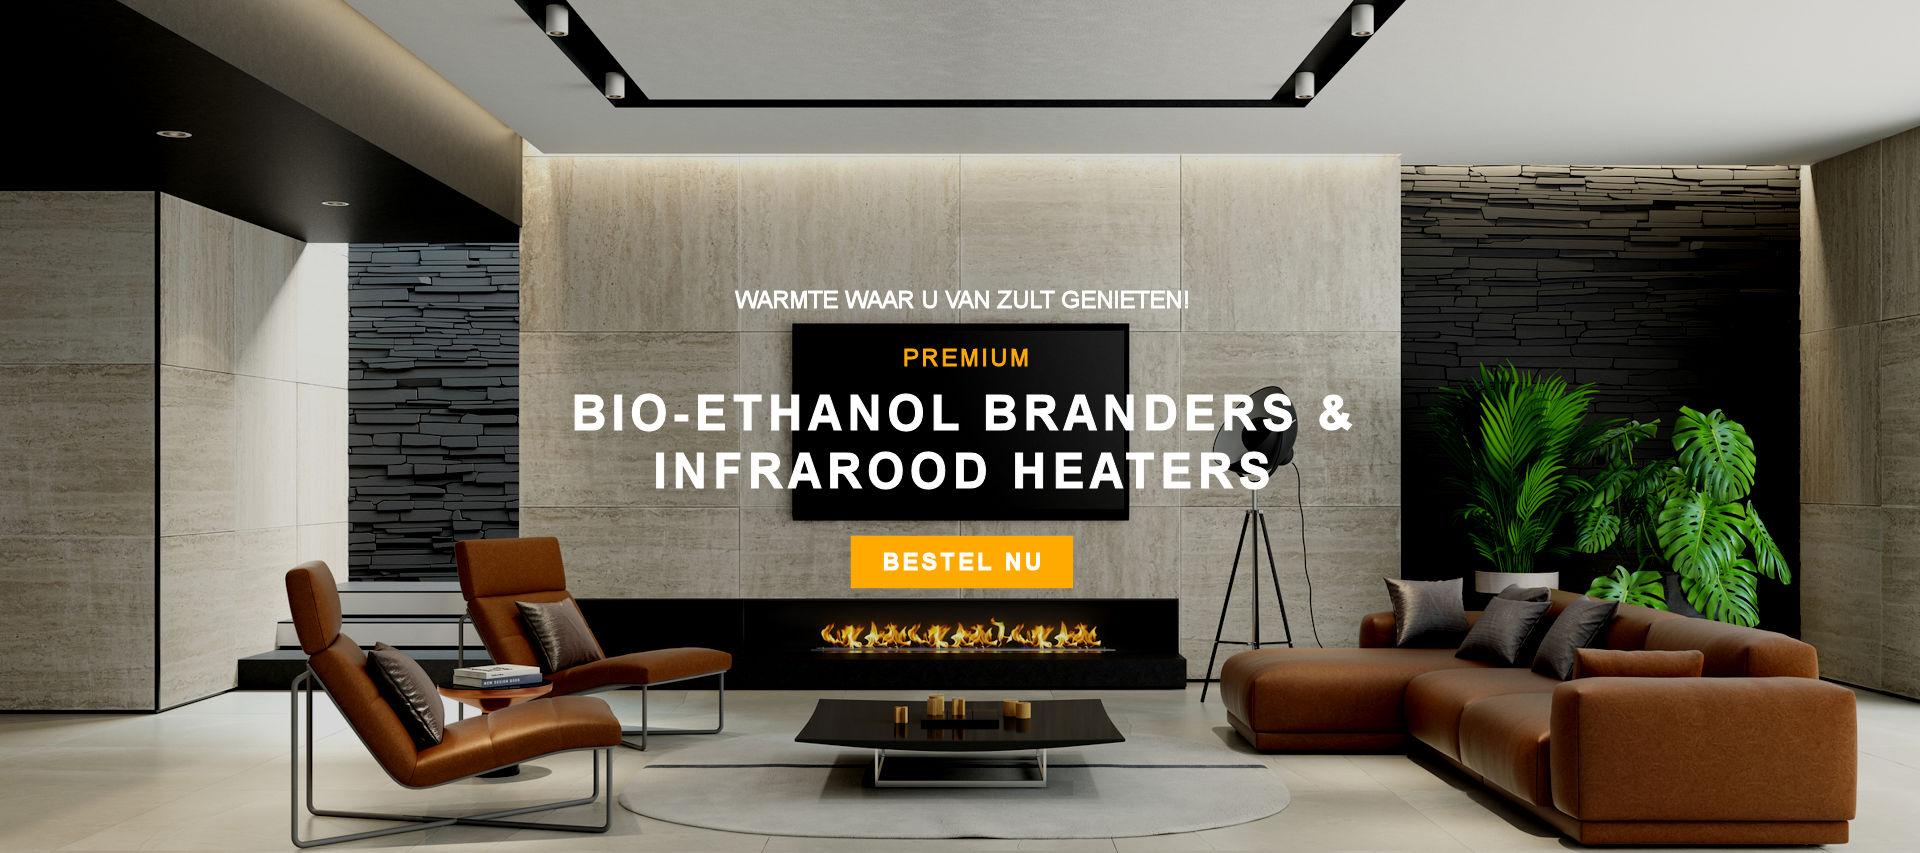 Premium bioethanol branders & infrarood heaters